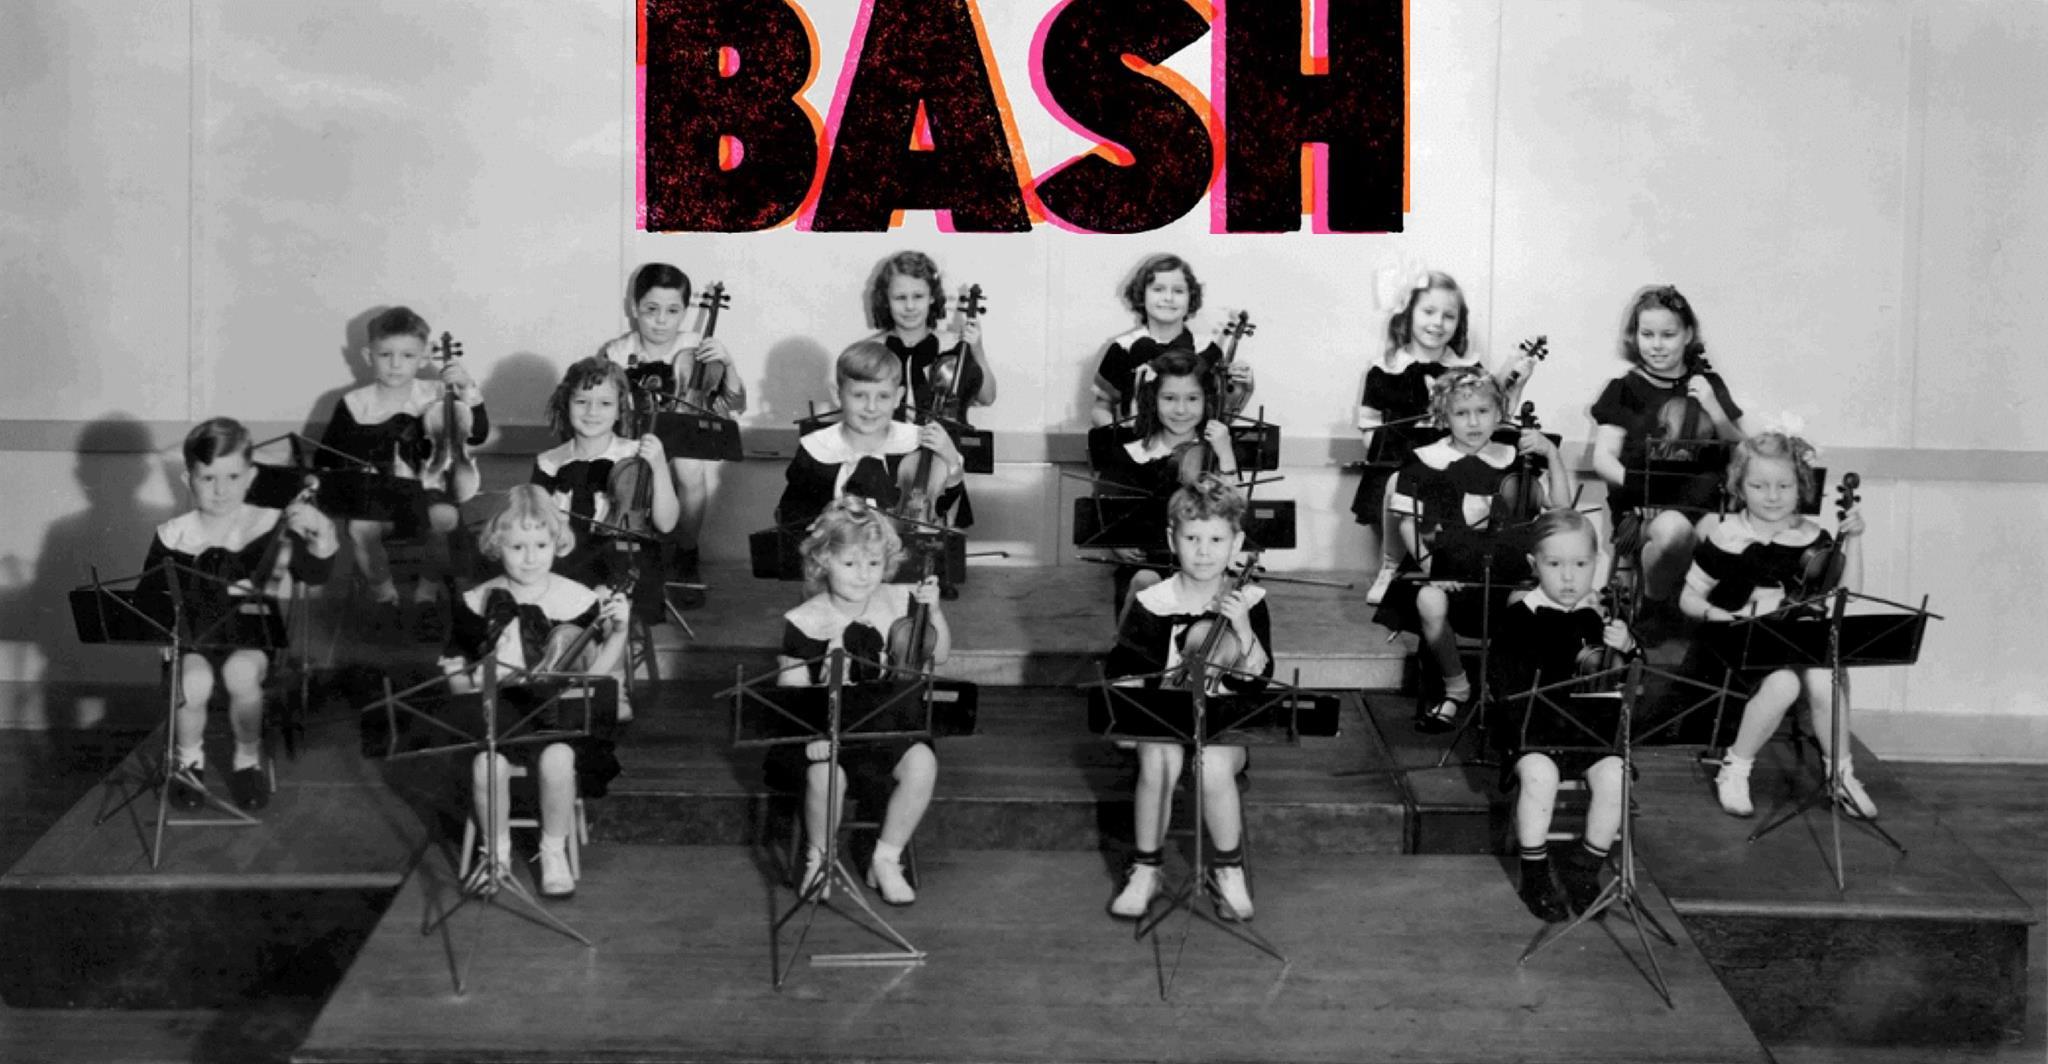 Die JazzLab Sommersause bietet dir eine große Portion Big Band-Power!